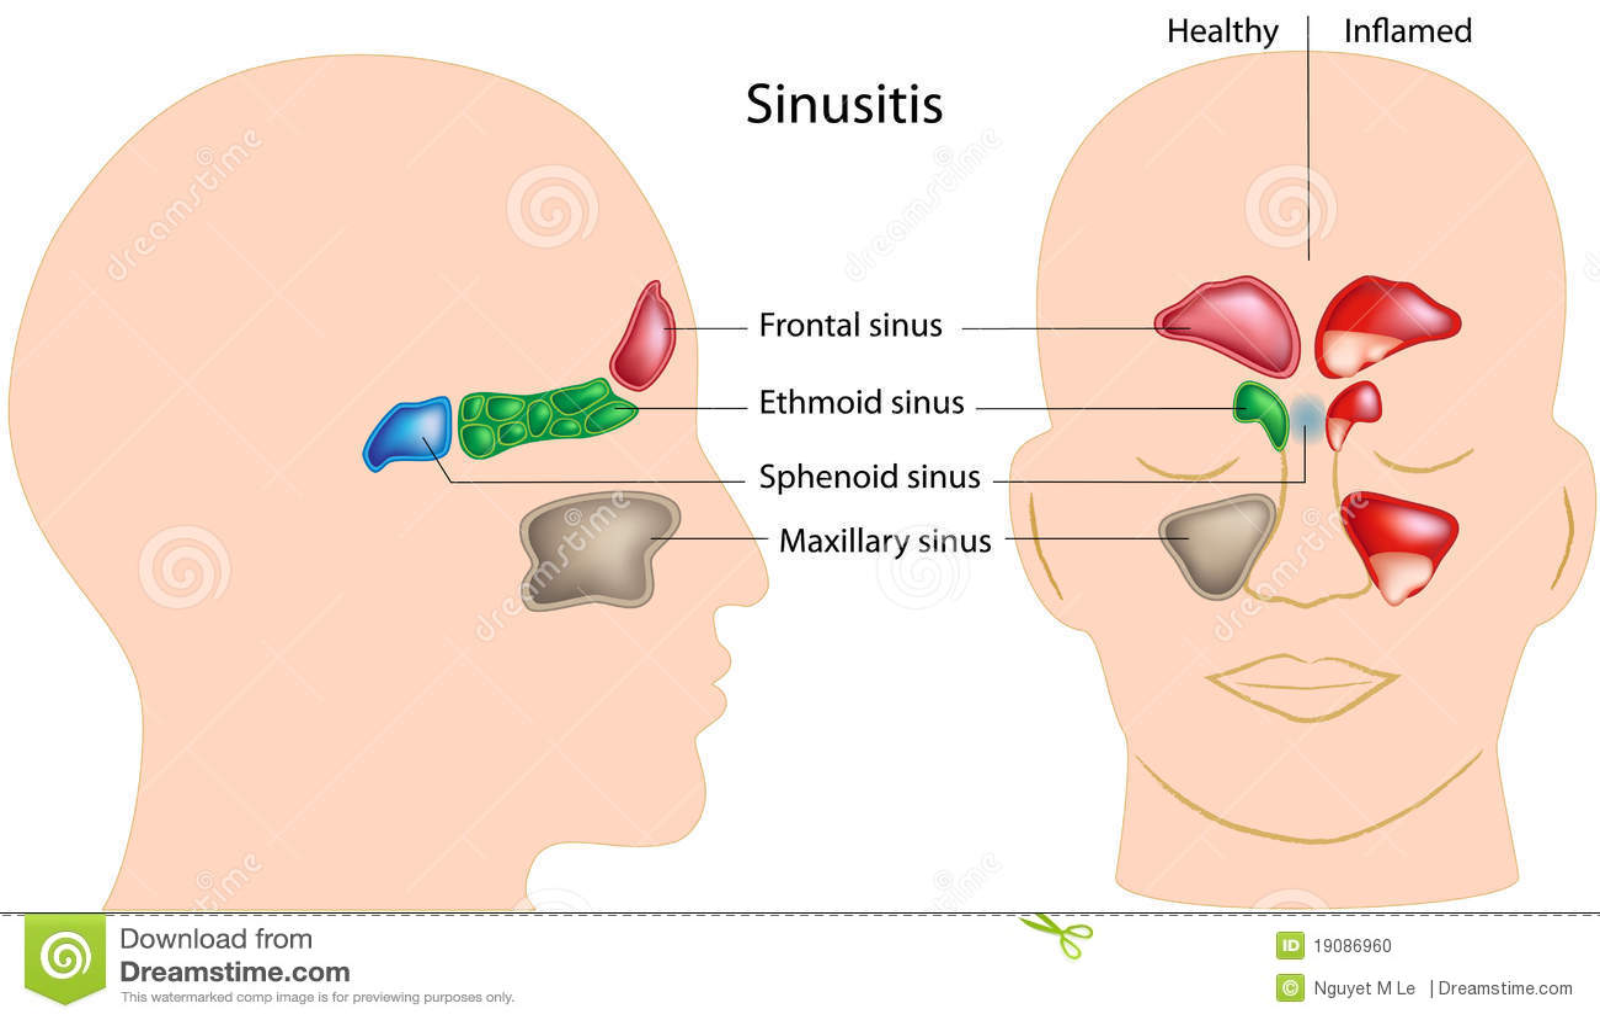 Sinusitis Stock Photo - Image: 19086960